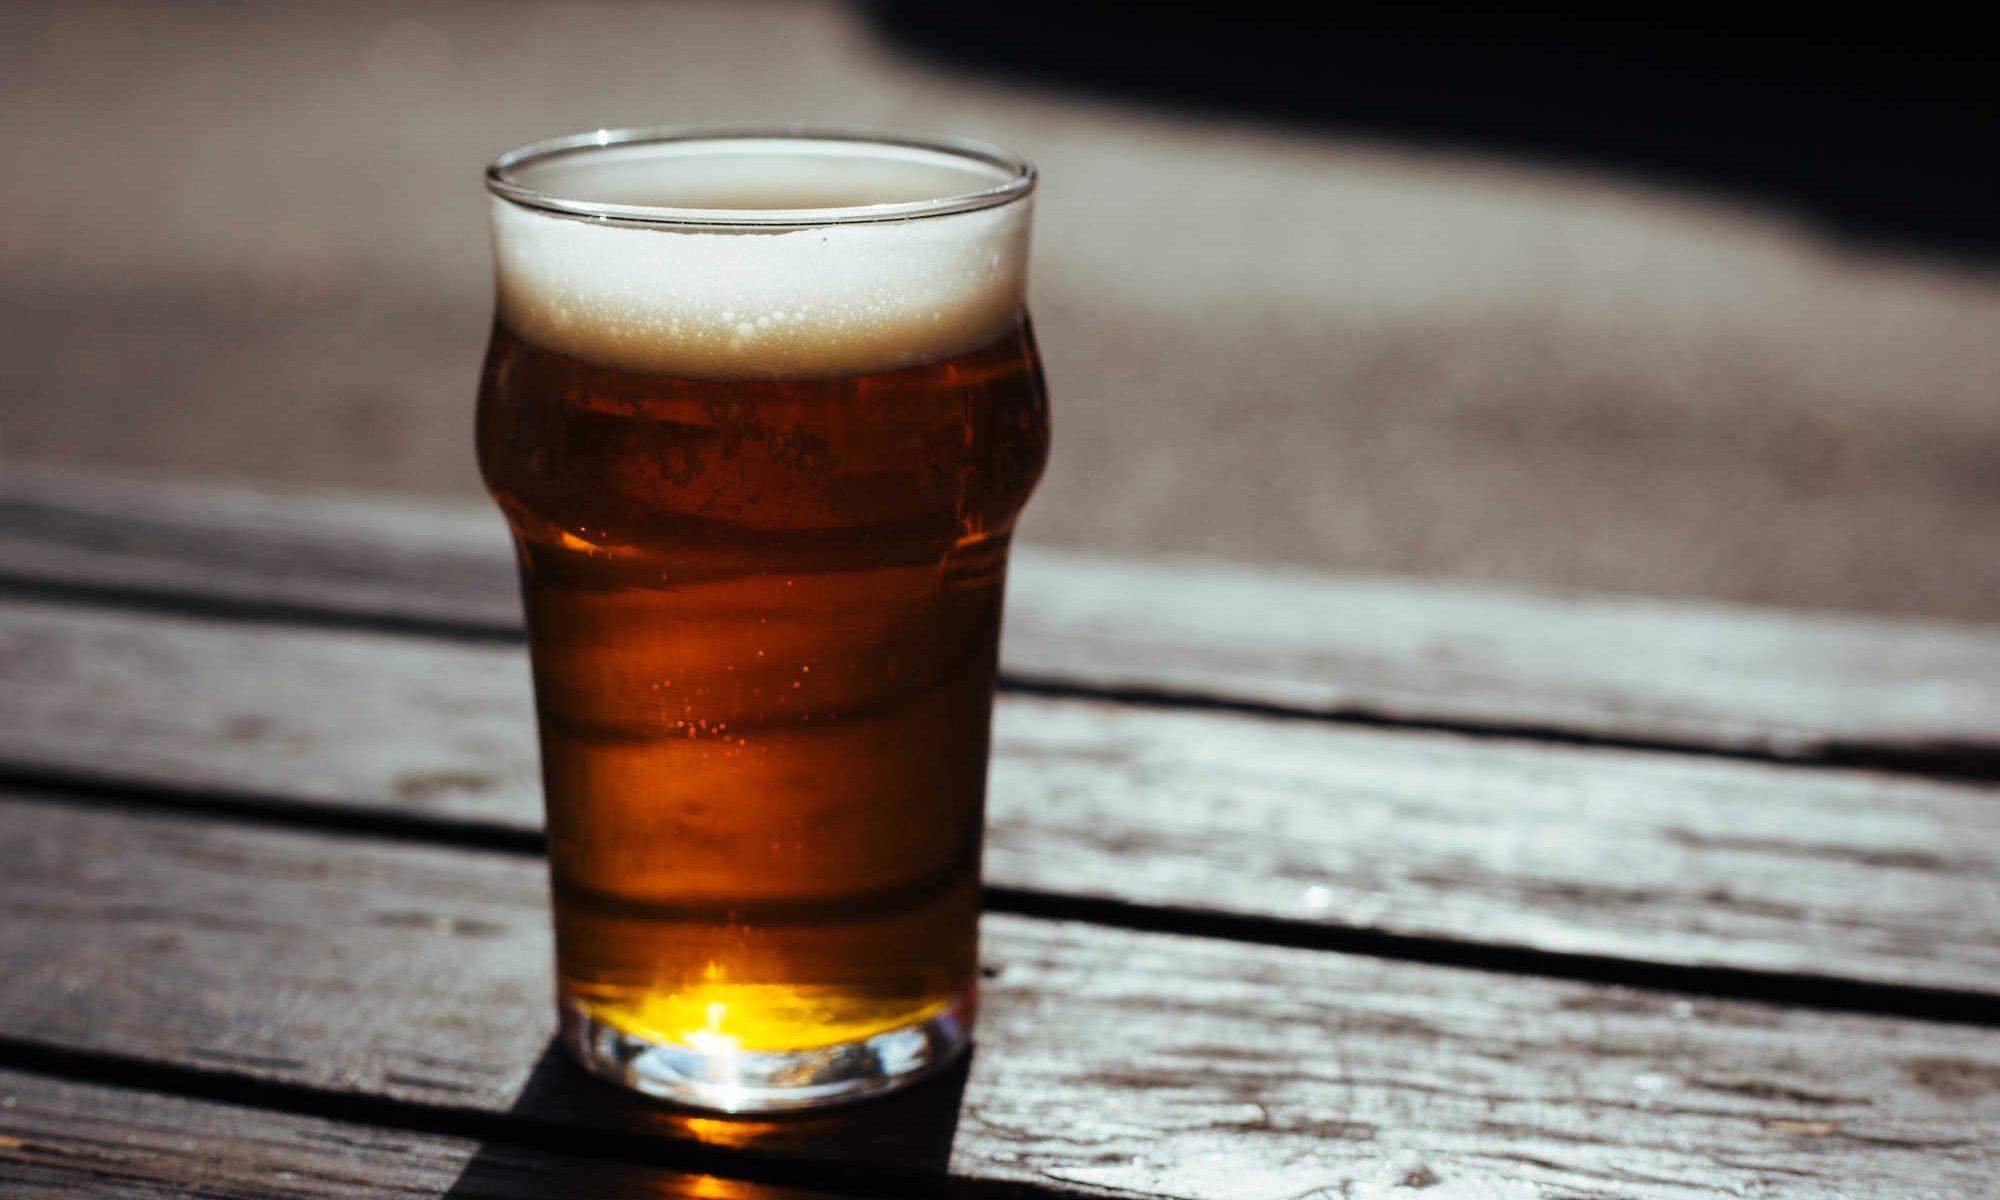 Tankleys Brewery